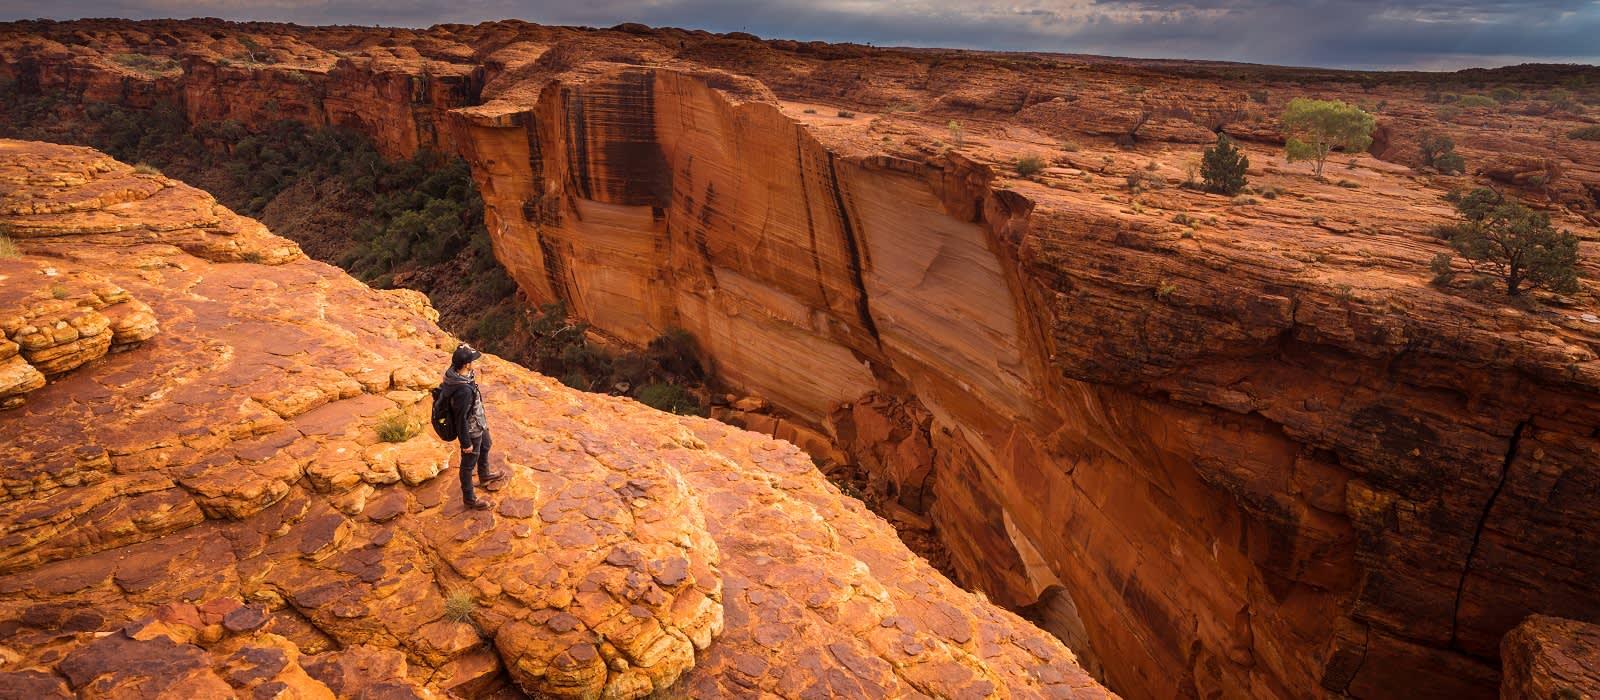 Reisender am Abgrund vom Kings Canyon im Northern Territory, Australien